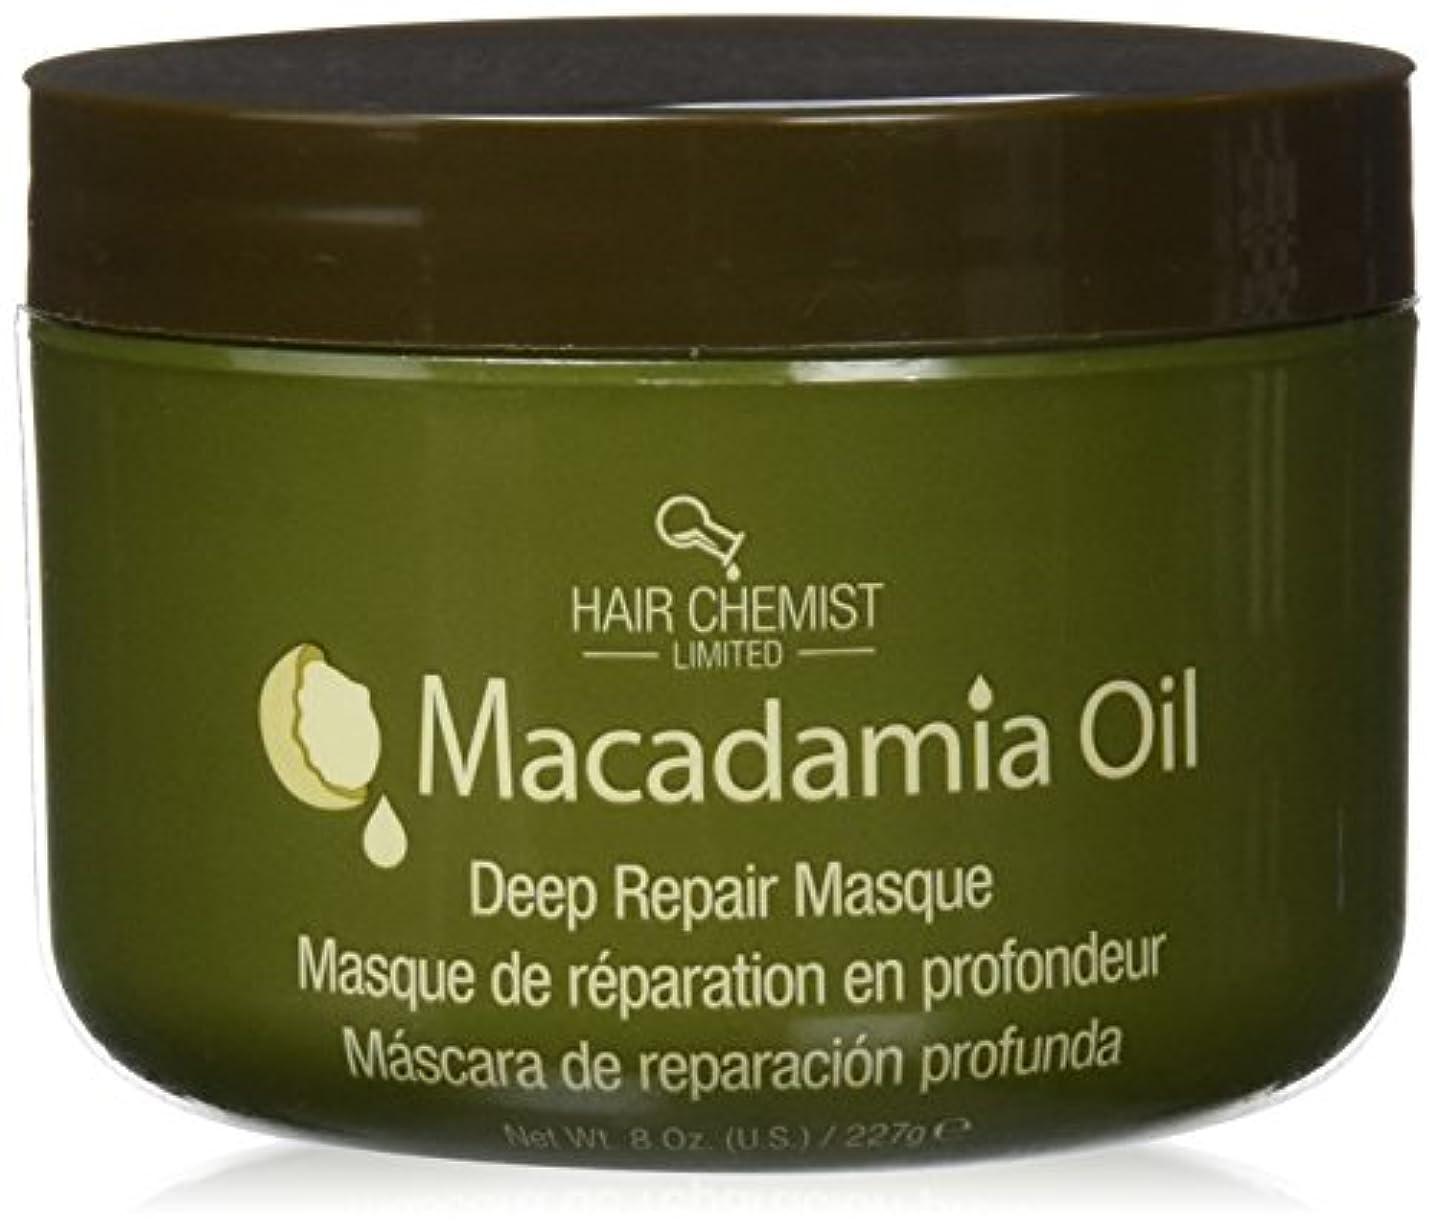 郵便屋さん切手動力学Hair Chemist ヘアマスク マカダミア オイル ディープリペアマスク 227g Macadamia Oil Deep Repair Mask 1434 New York